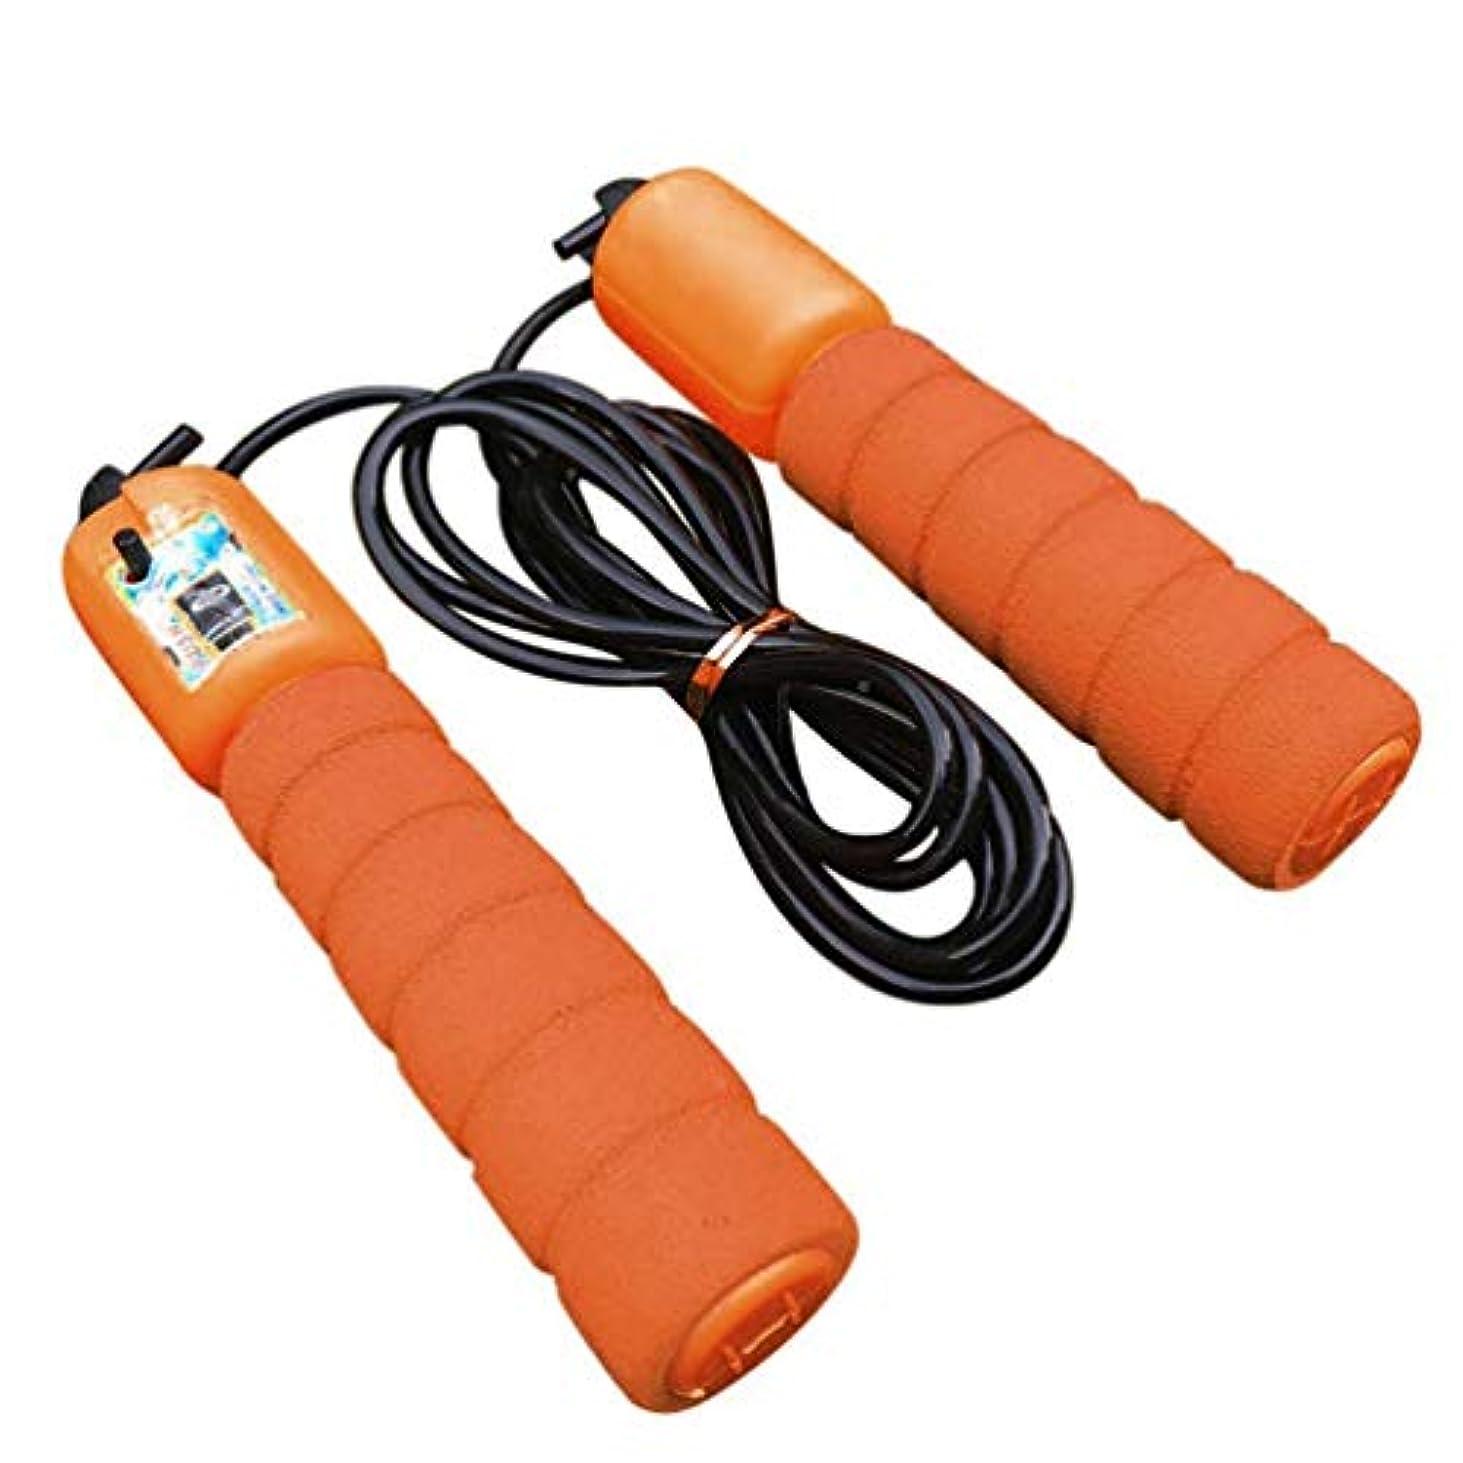 位置づけるロイヤリティどっち調整可能なプロフェッショナルカウントスキップロープ自動カウントジャンプロープフィットネスエクササイズ高速スピードカウントジャンプロープ-オレンジ